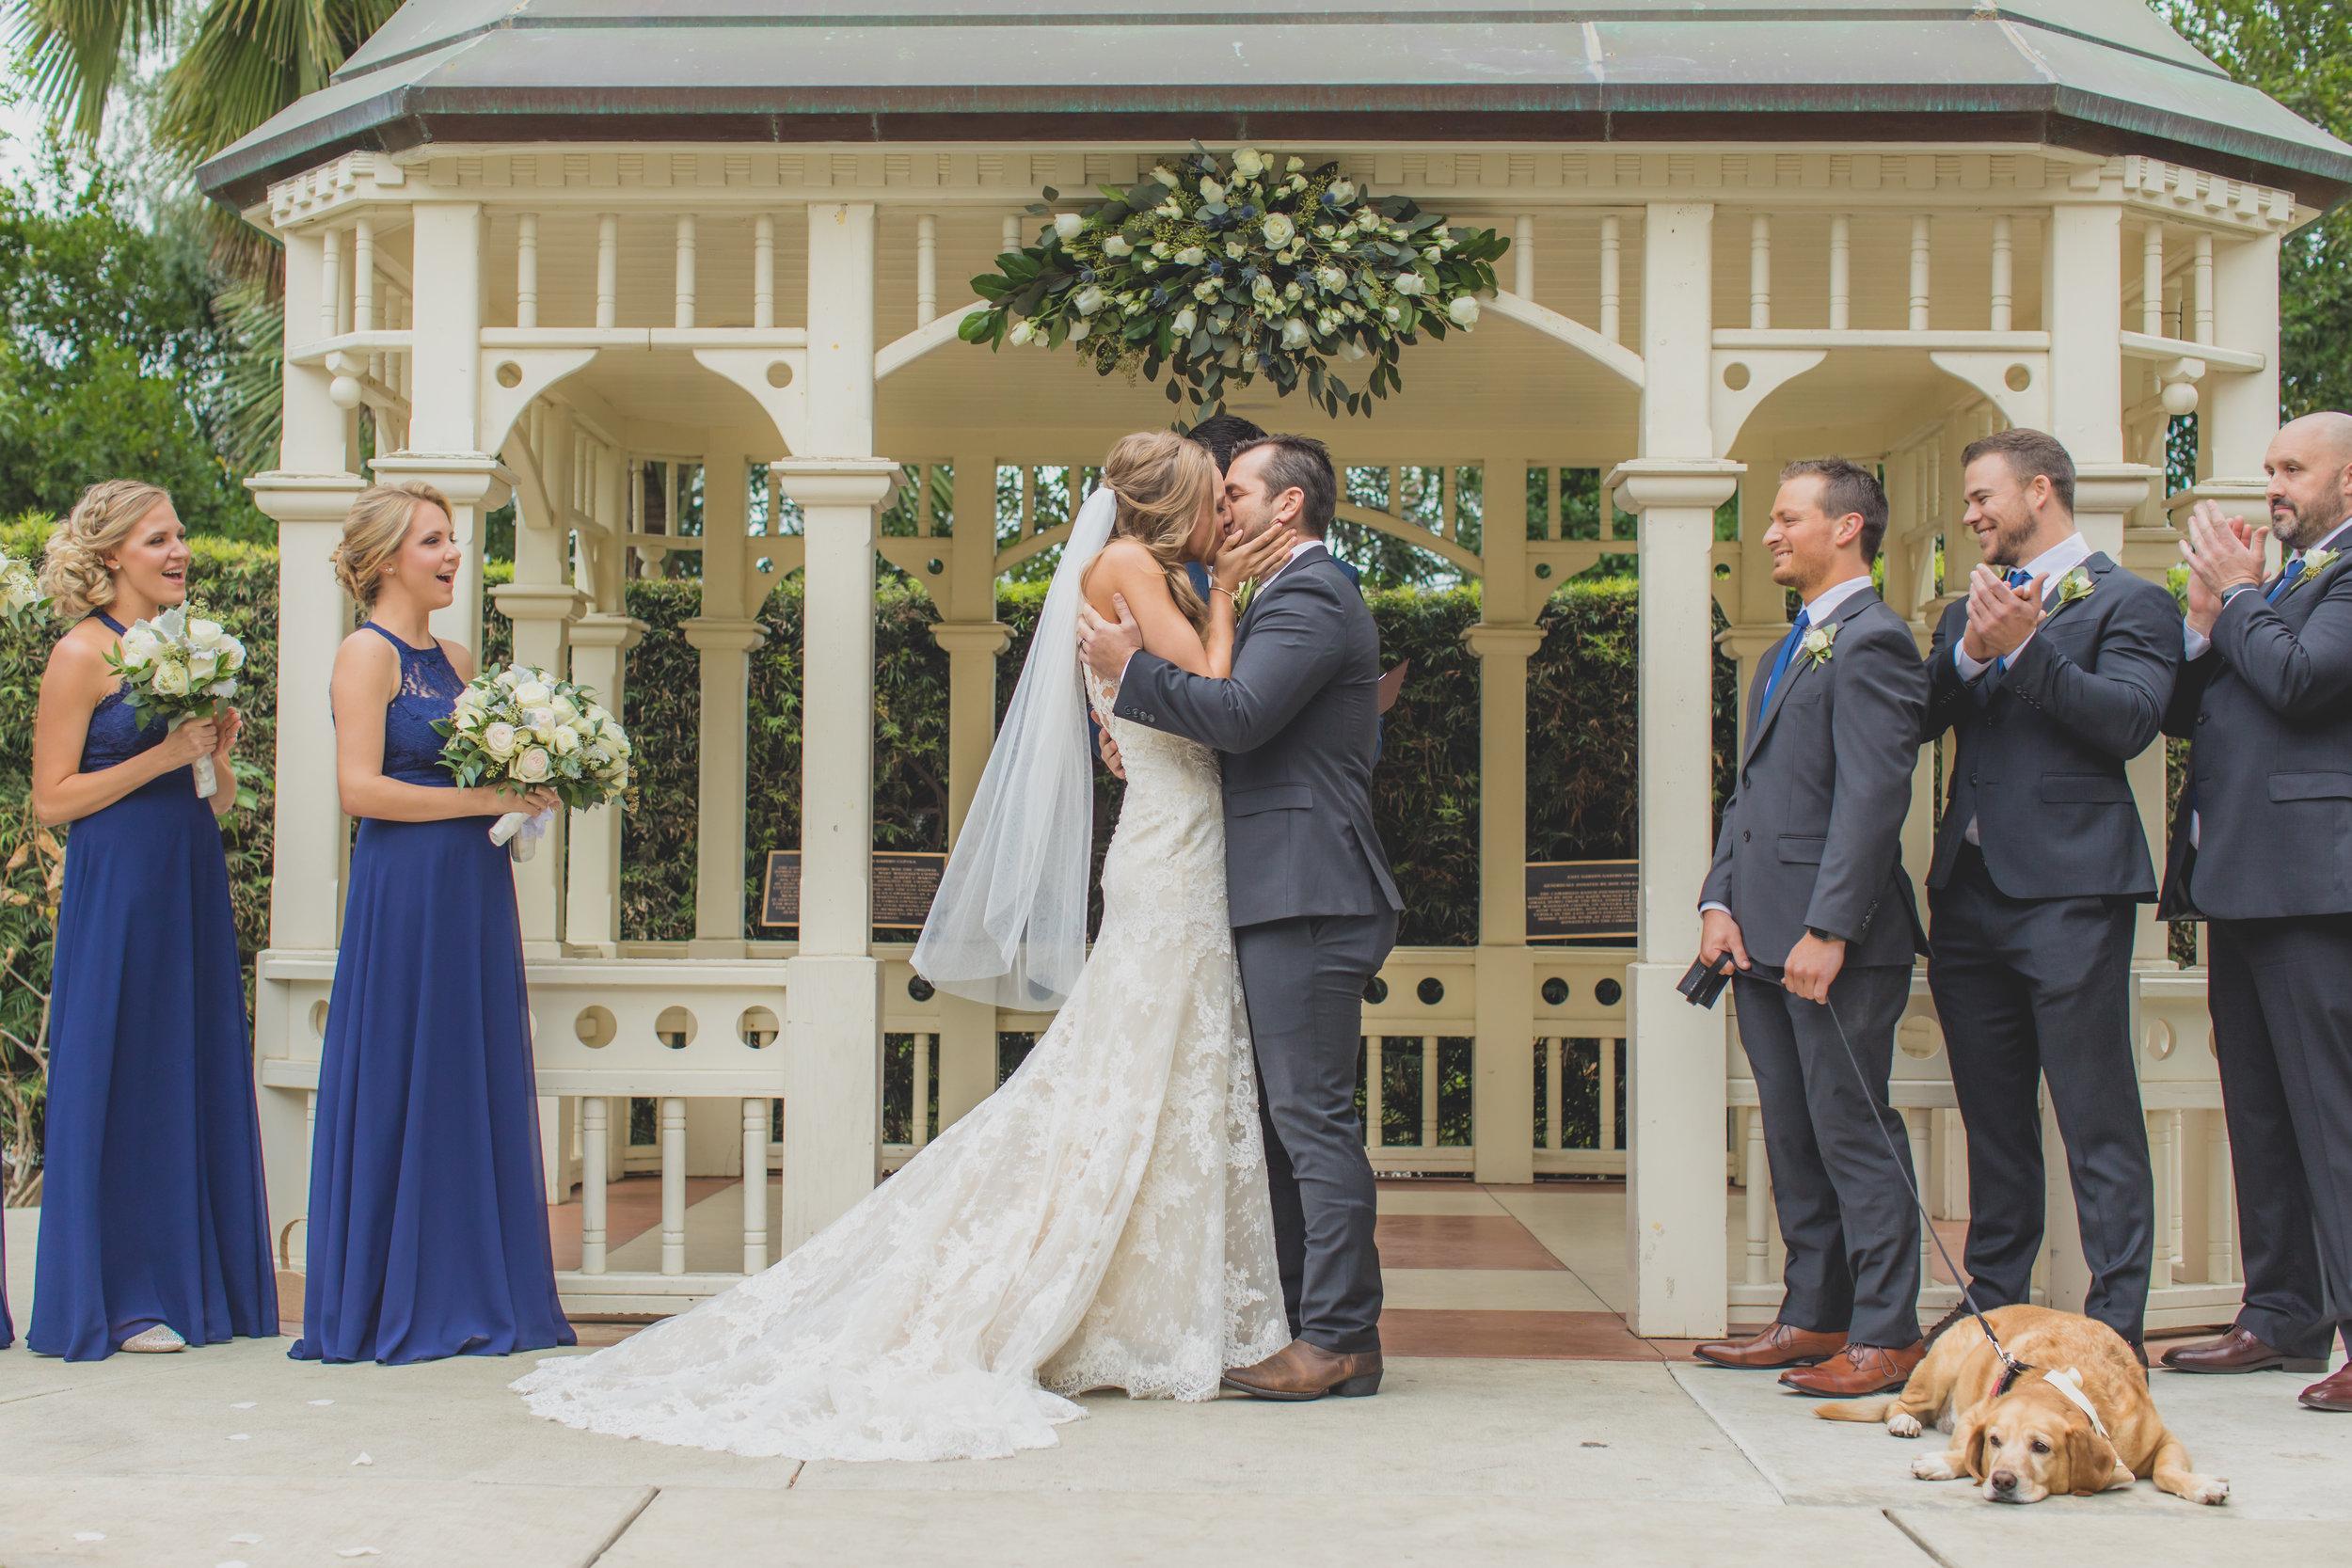 Camarillo Ranch - Camarillo, CA Wedding Venue - Wedding Ceremony